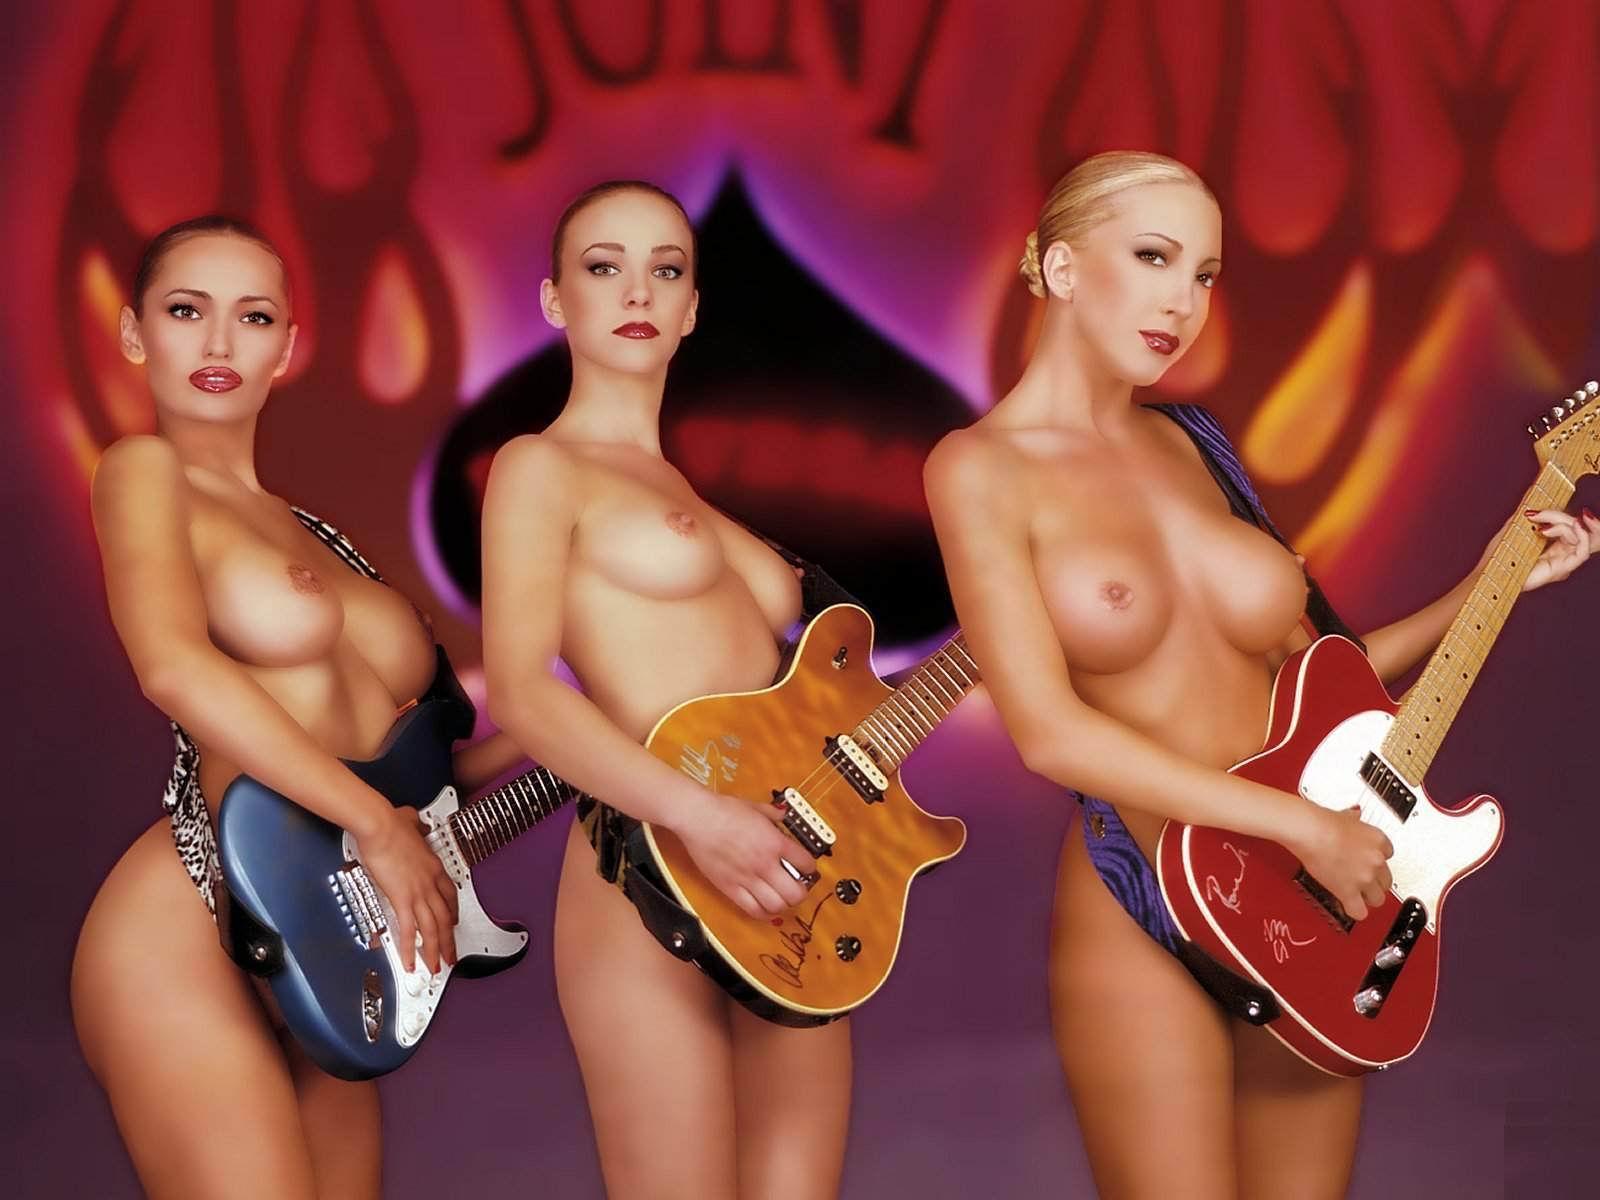 так музыкальное шоу порно блэк